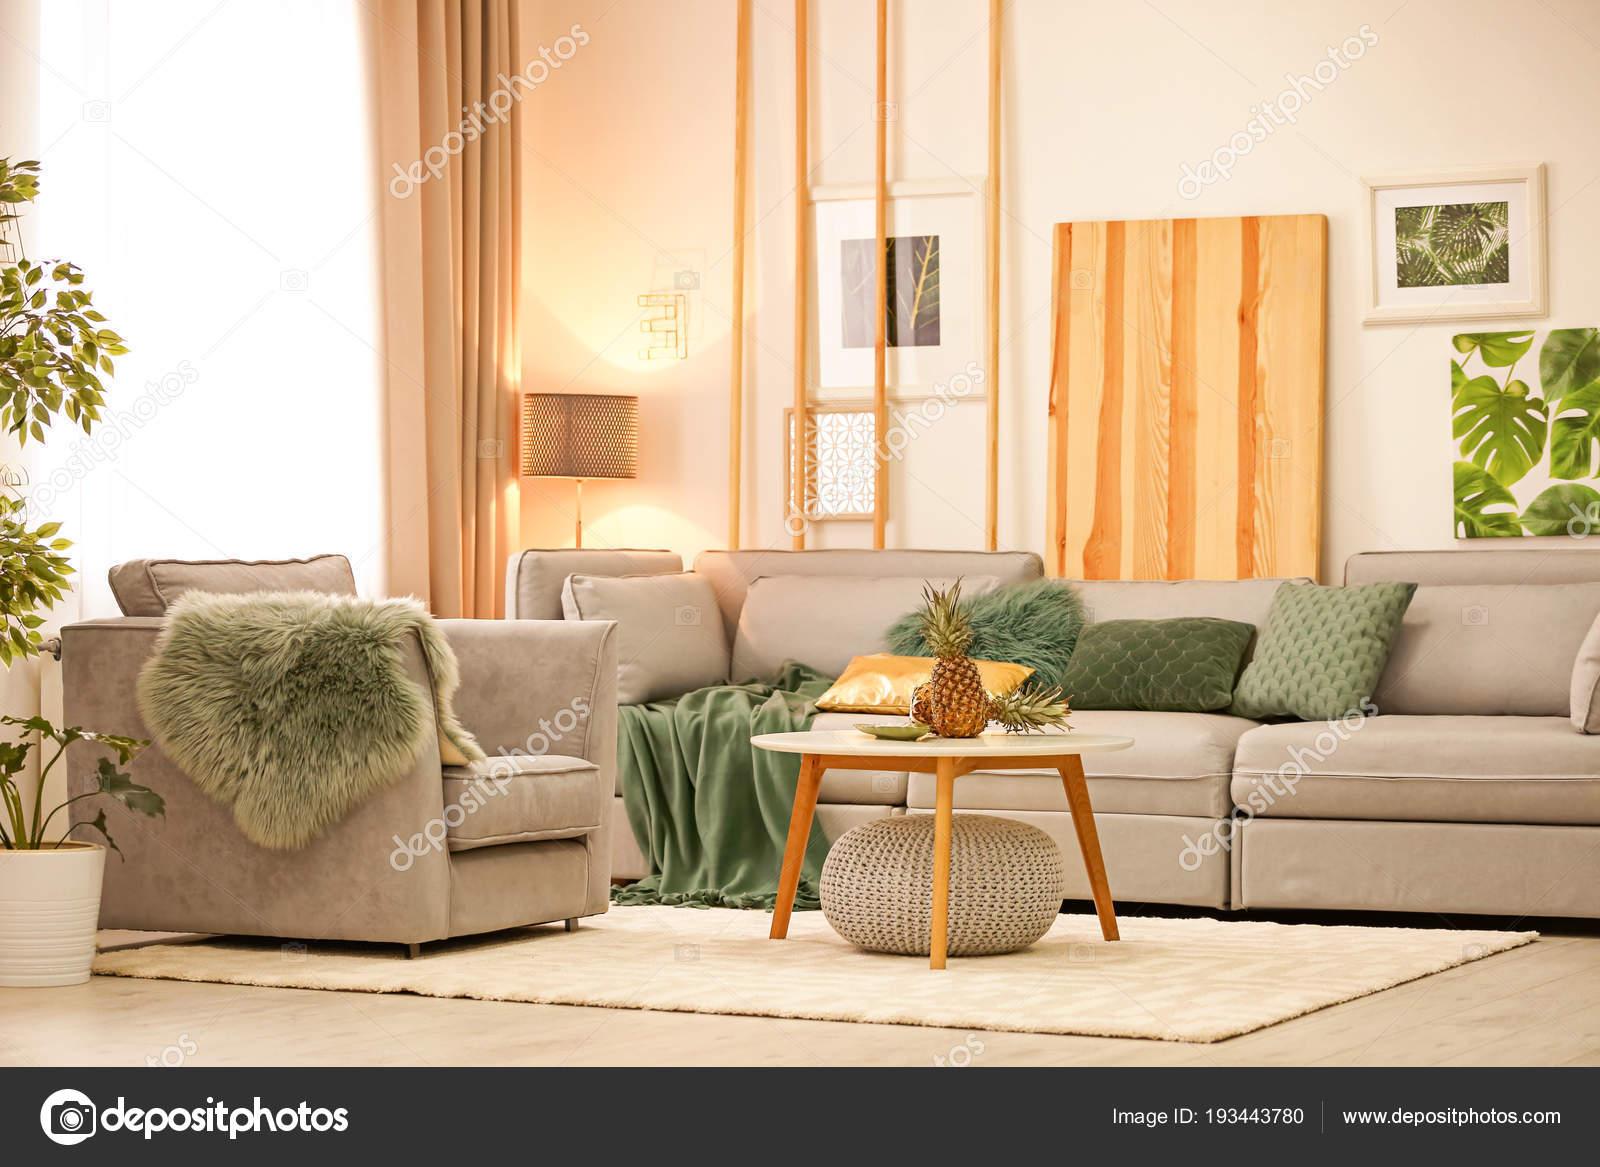 Stilvolle Wohnzimmer Interieur mit bequemen Sofa und Sessel ...